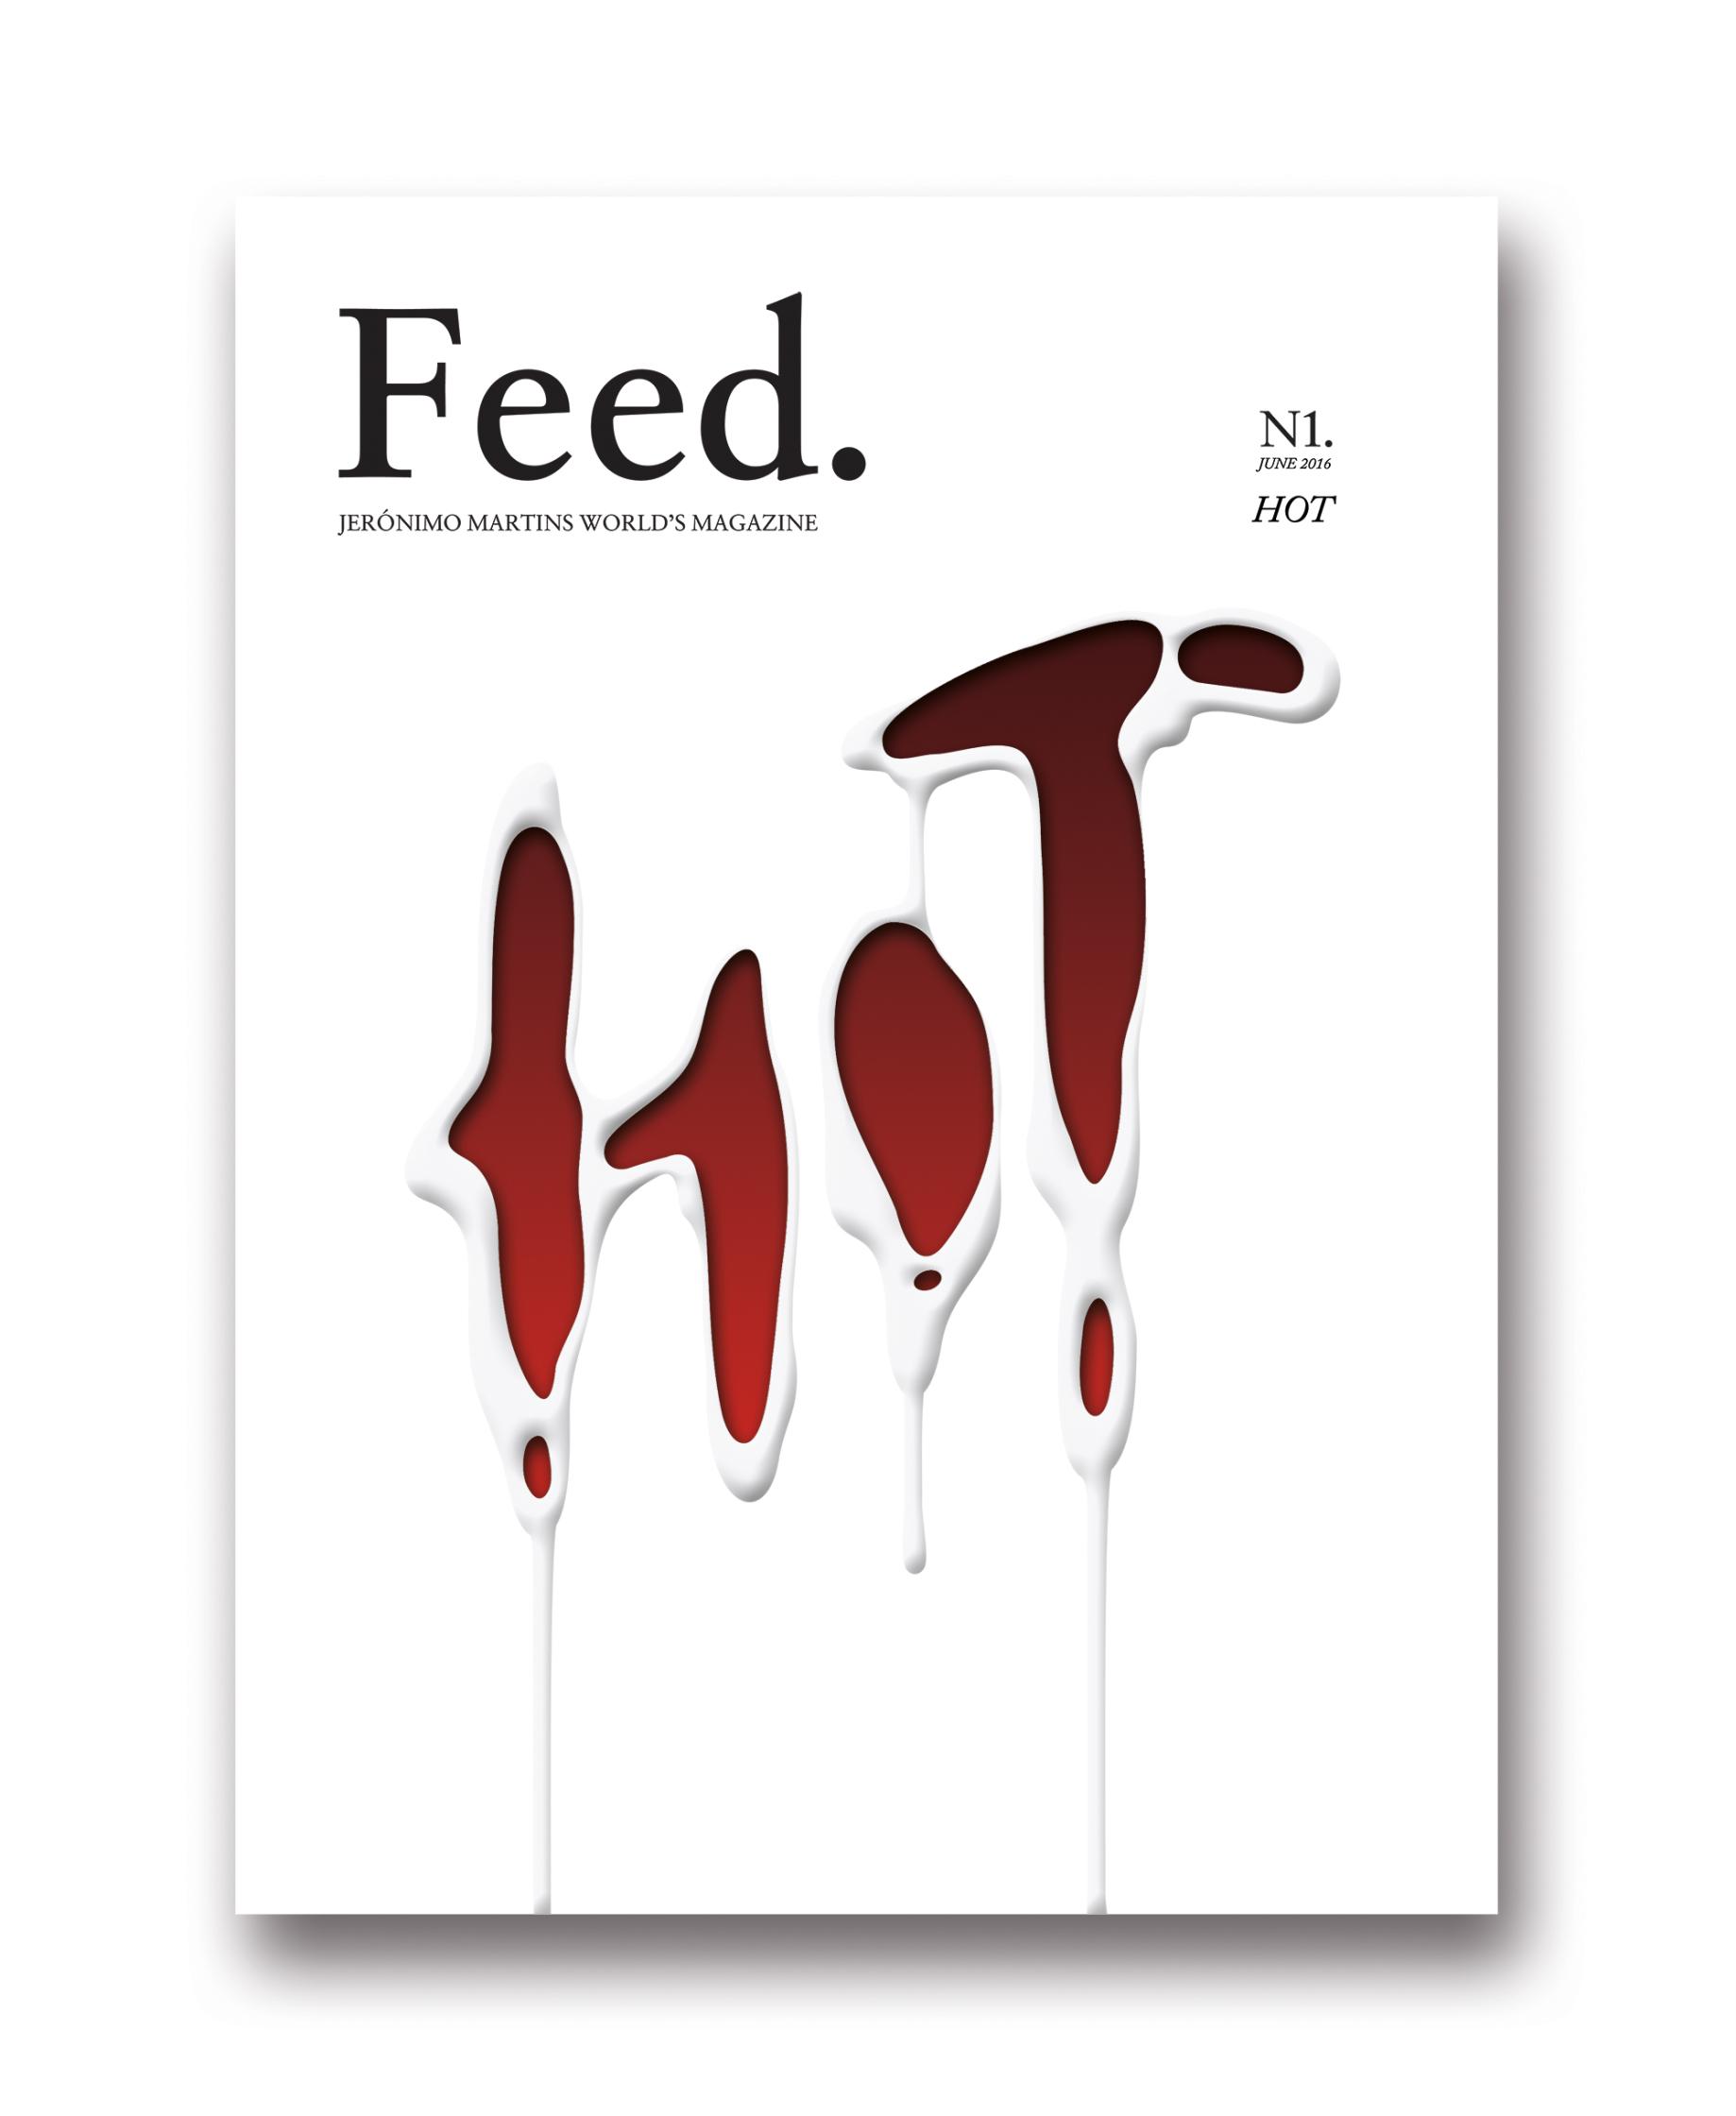 FeedMagazineHotIssue.jpg